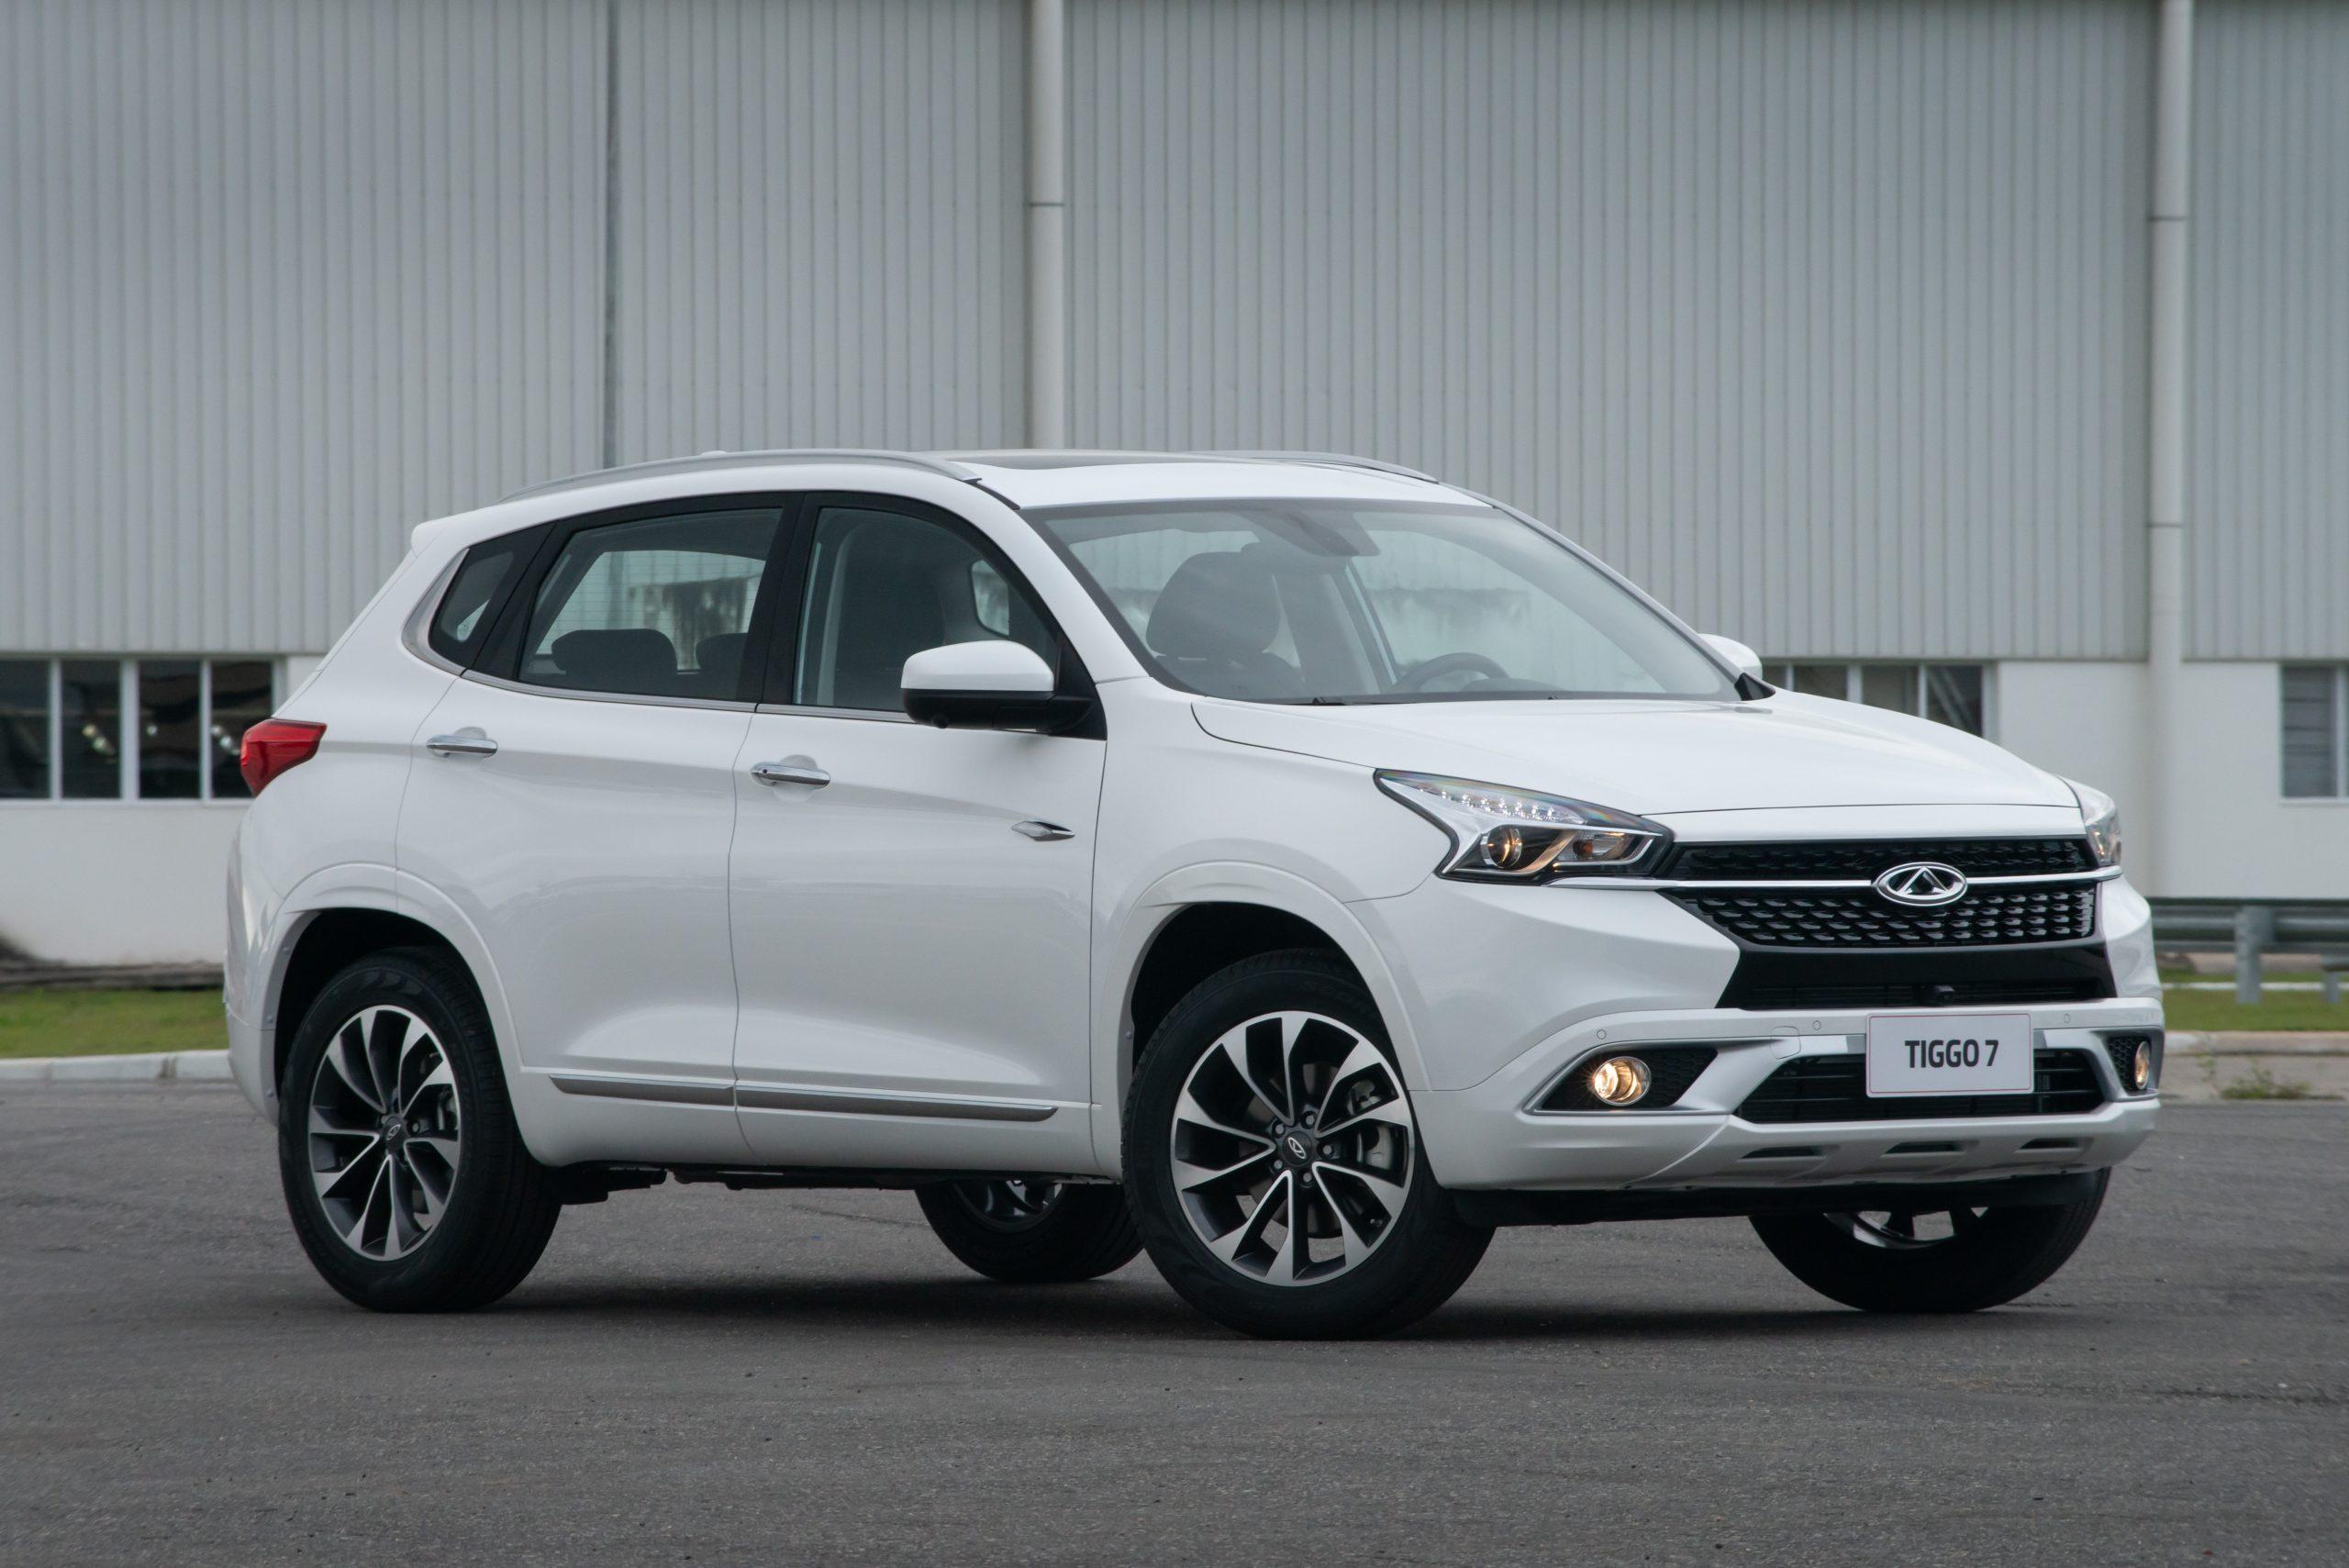 Novos carros PCD: 5 carros até R$ 140 mil que valem a compra